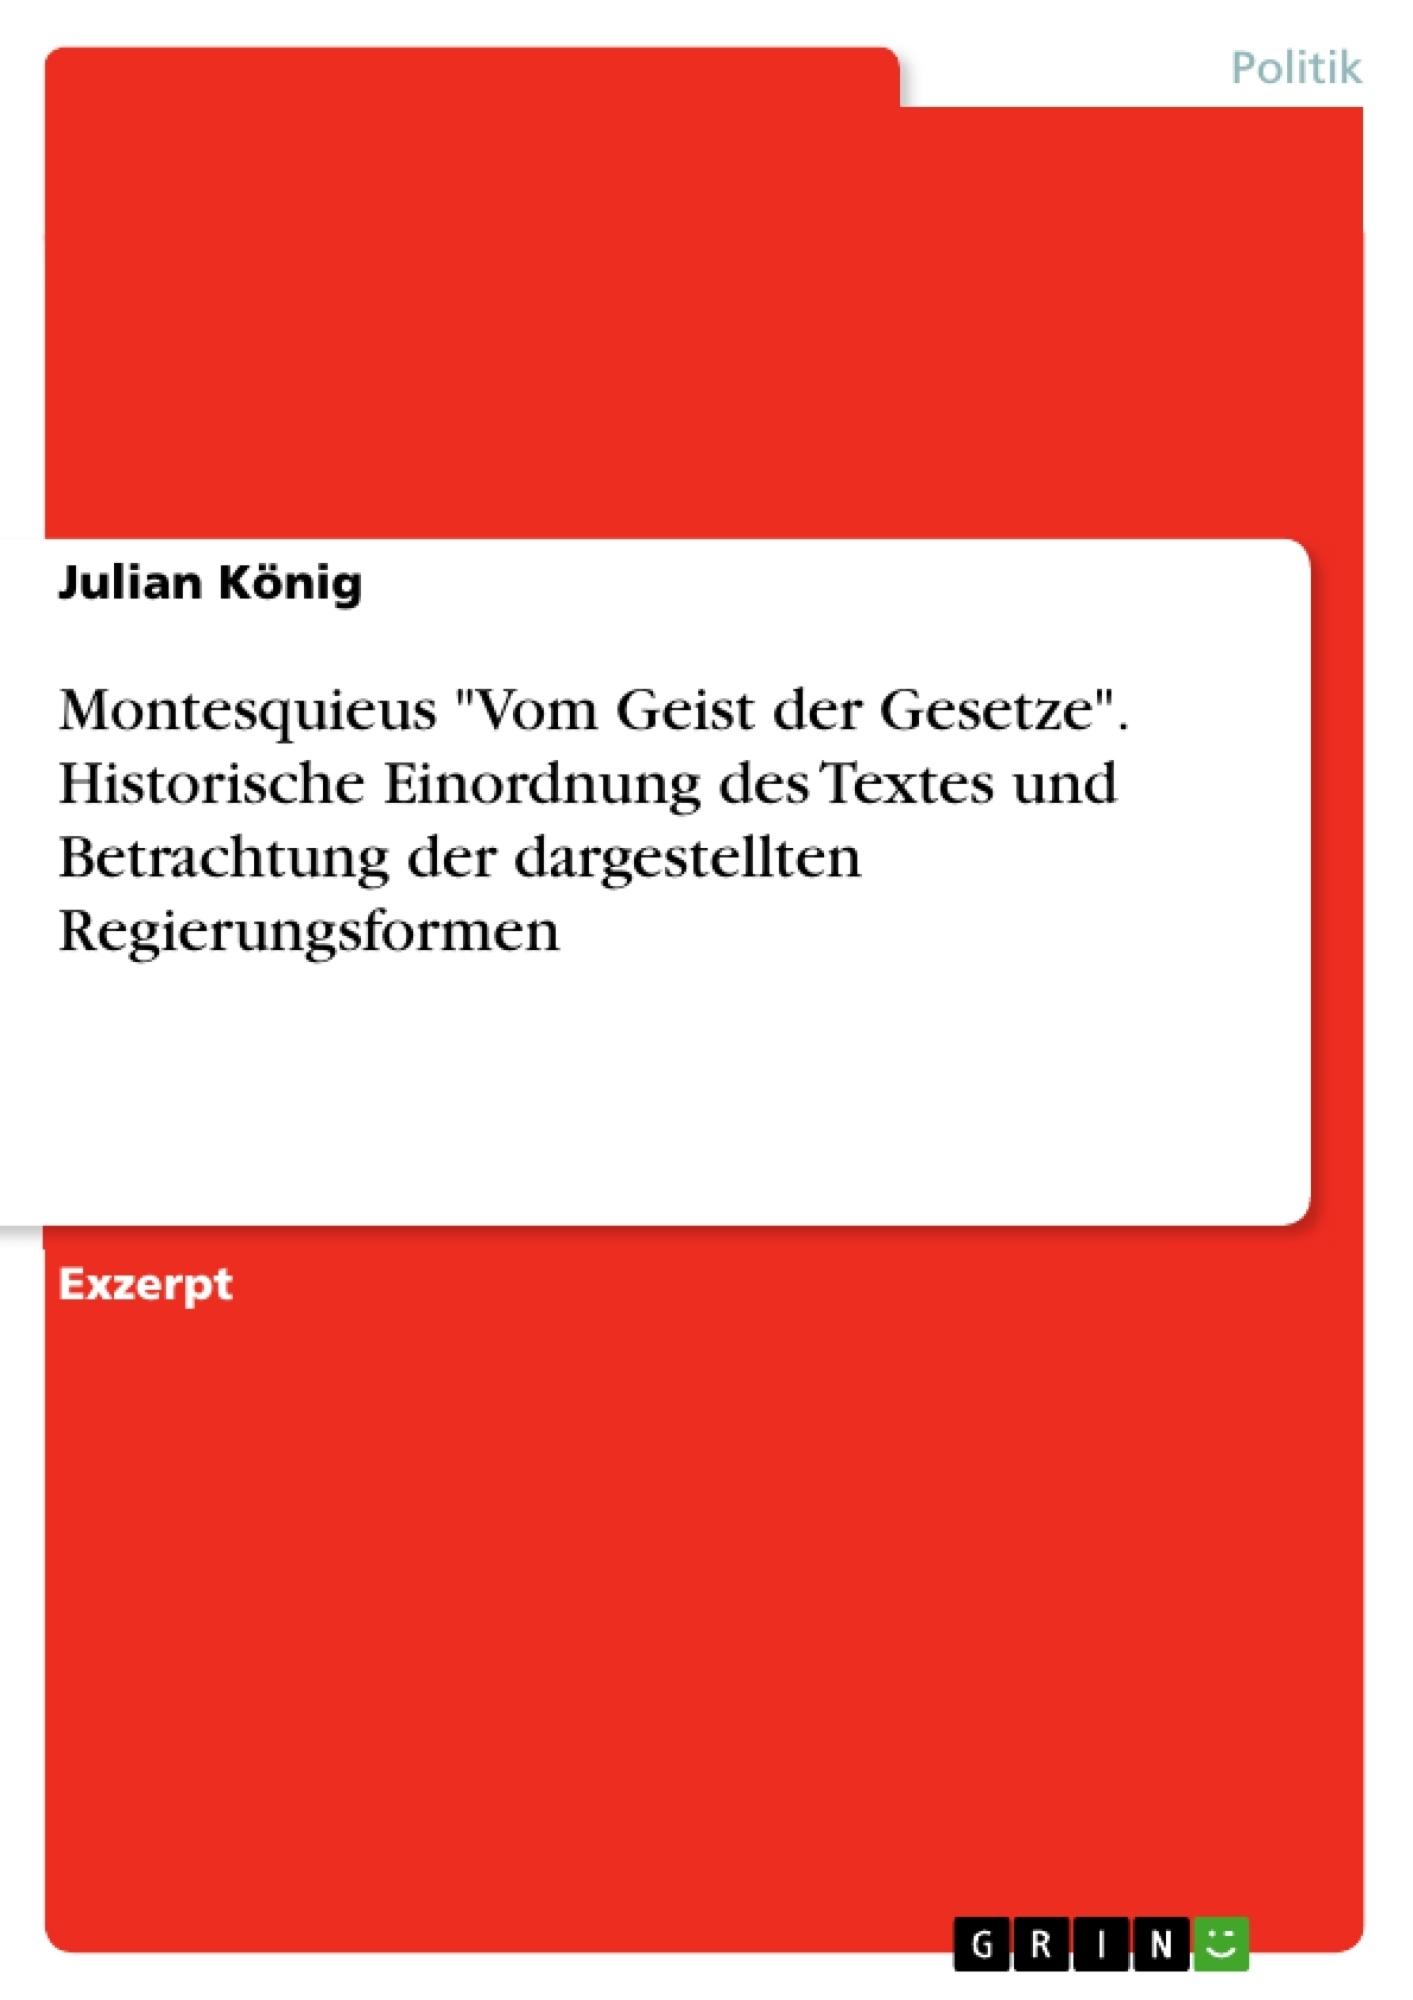 """Titel: Montesquieus """"Vom Geist der Gesetze"""". Historische Einordnung des Textes und Betrachtung der dargestellten Regierungsformen"""